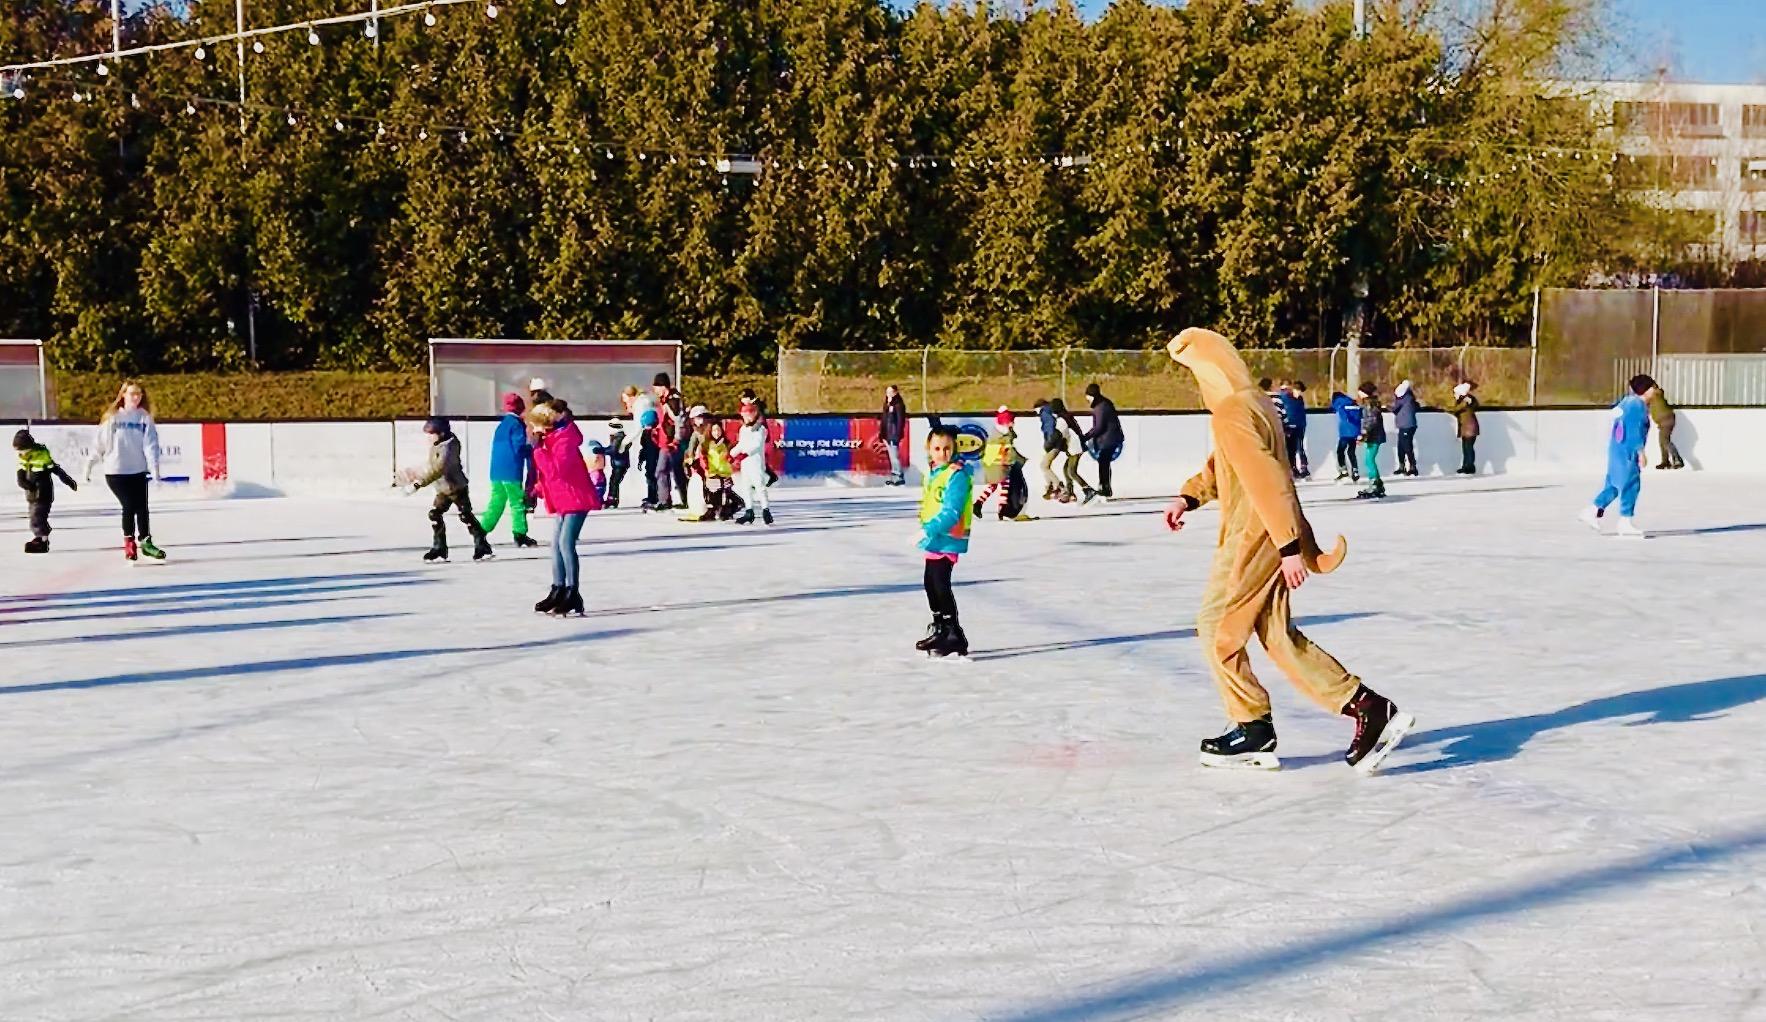 Faschings-Eislaufen auf der Henkell-Kunsteisbahn im Jahr 2018